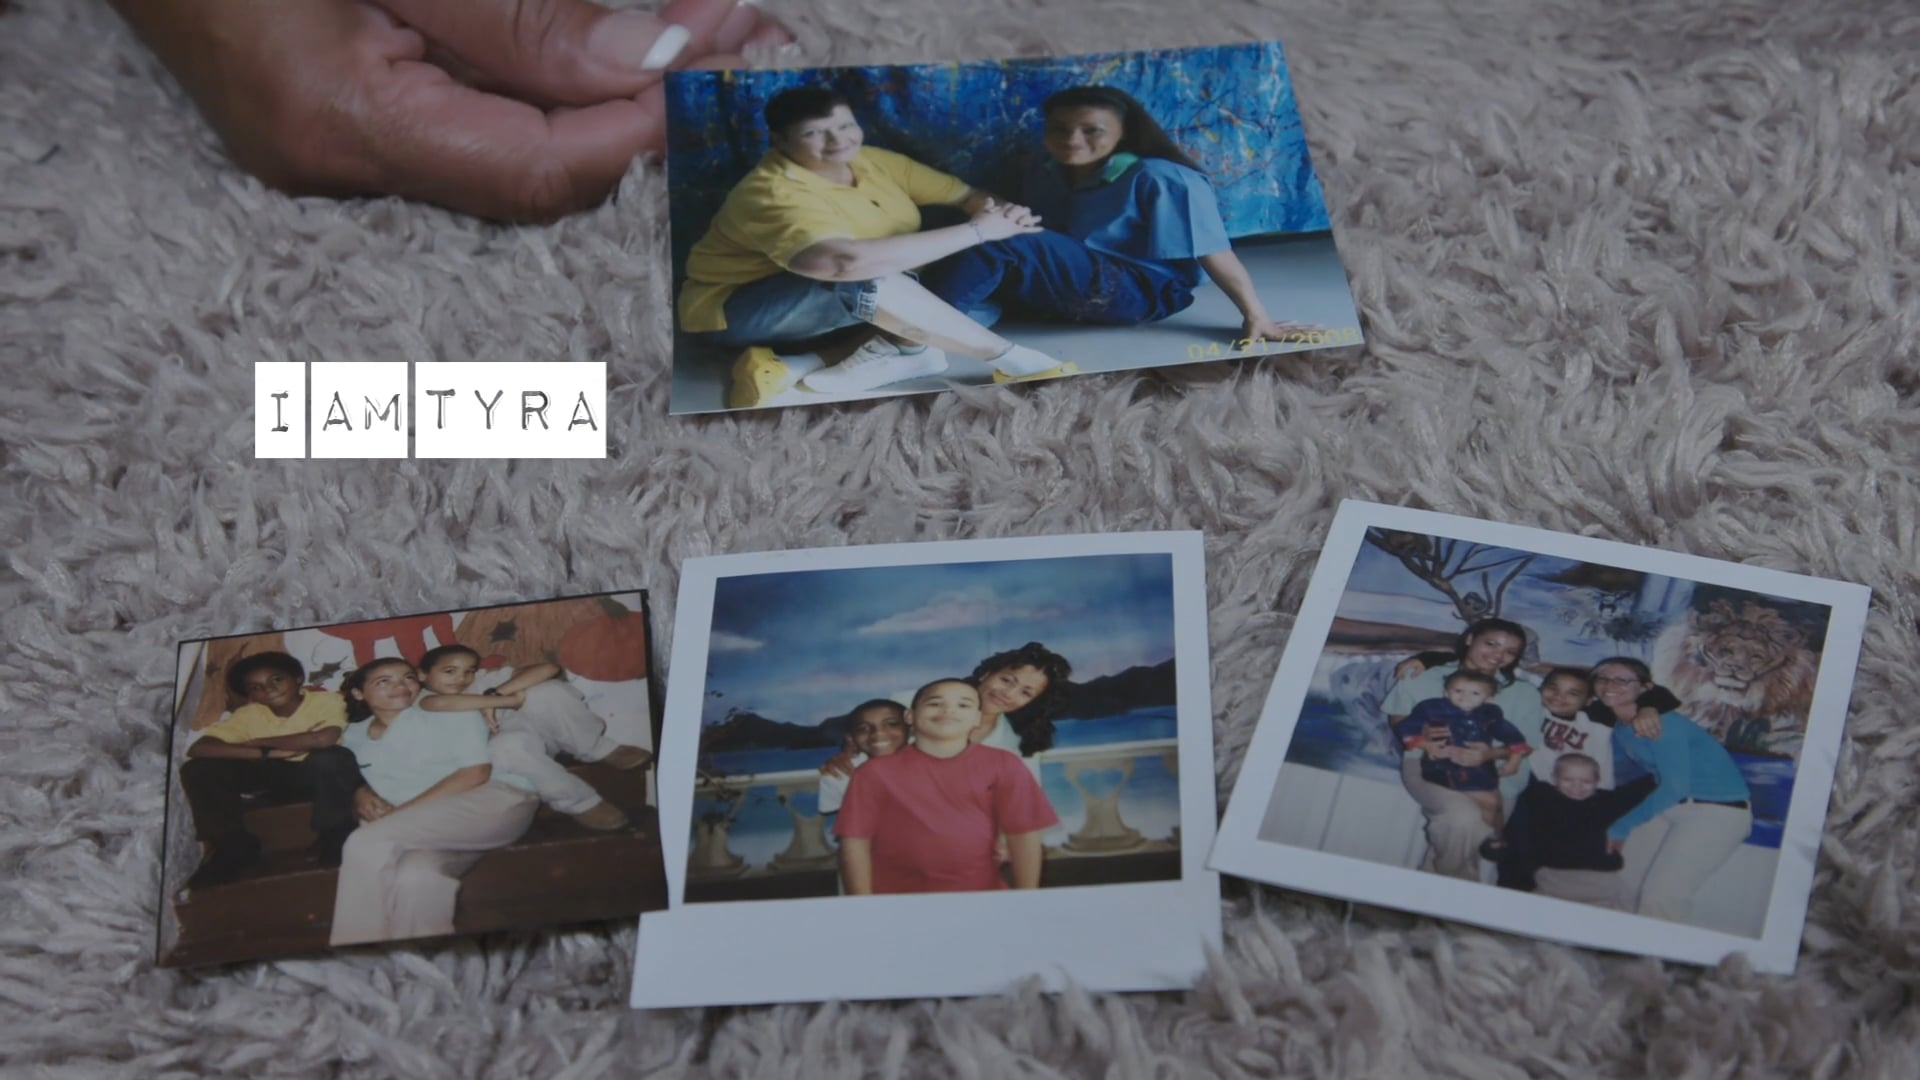 I AM TYRA